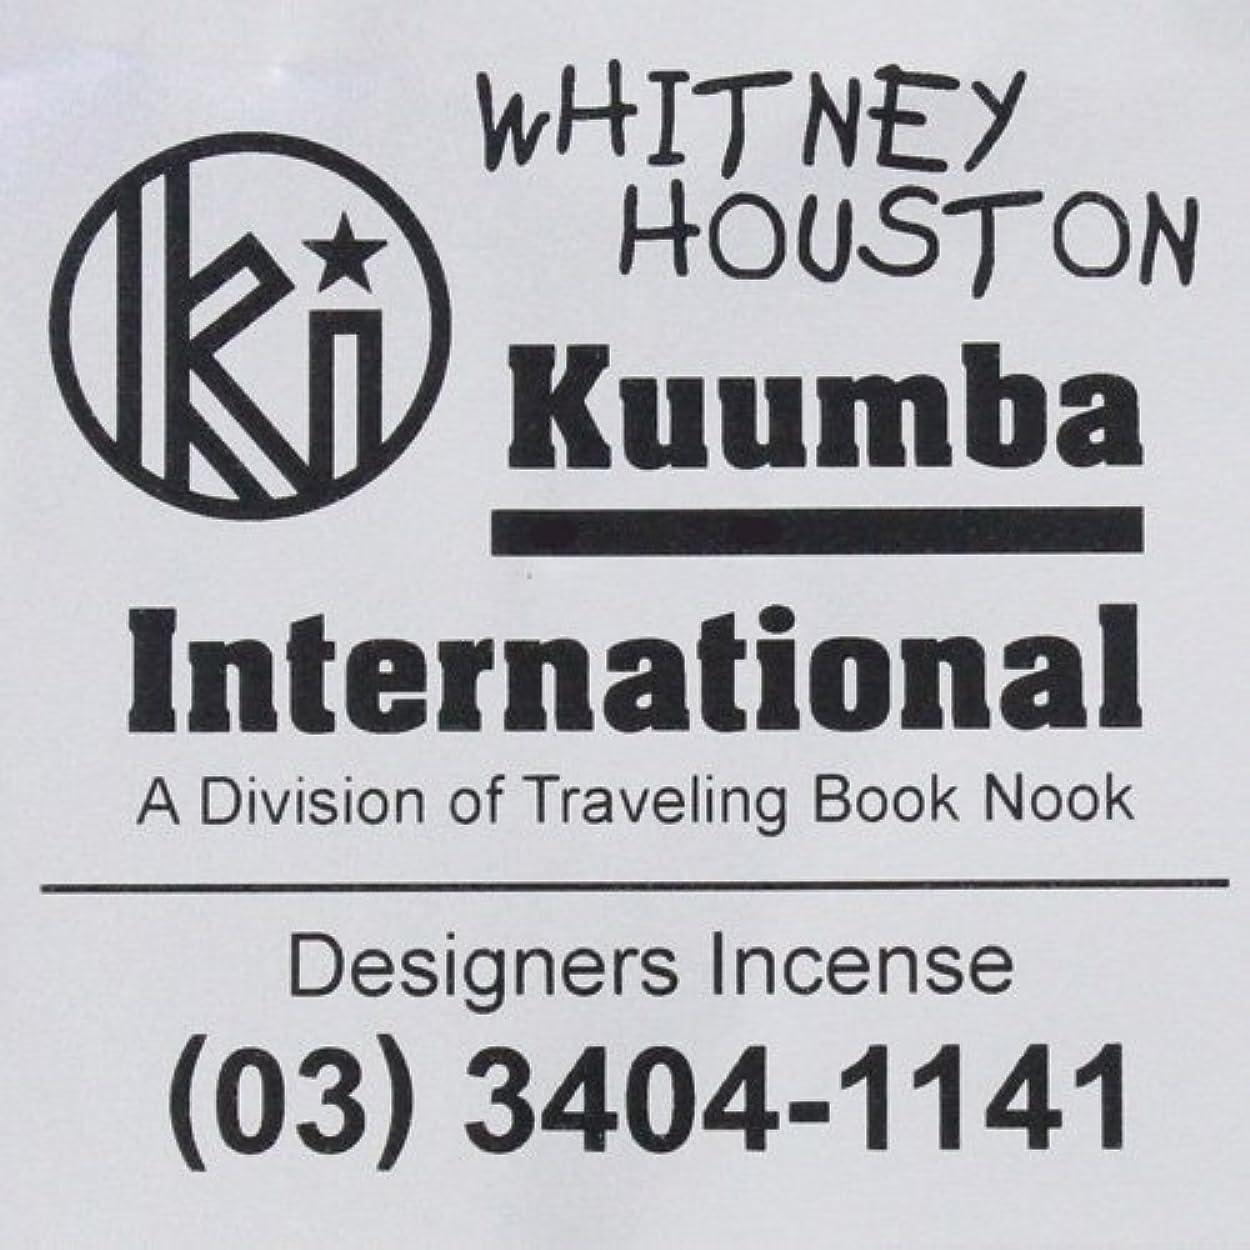 処方する生き残ります機会KUUMBA (クンバ)『incense』(WHITNEY HOUSTON) (Regular size)